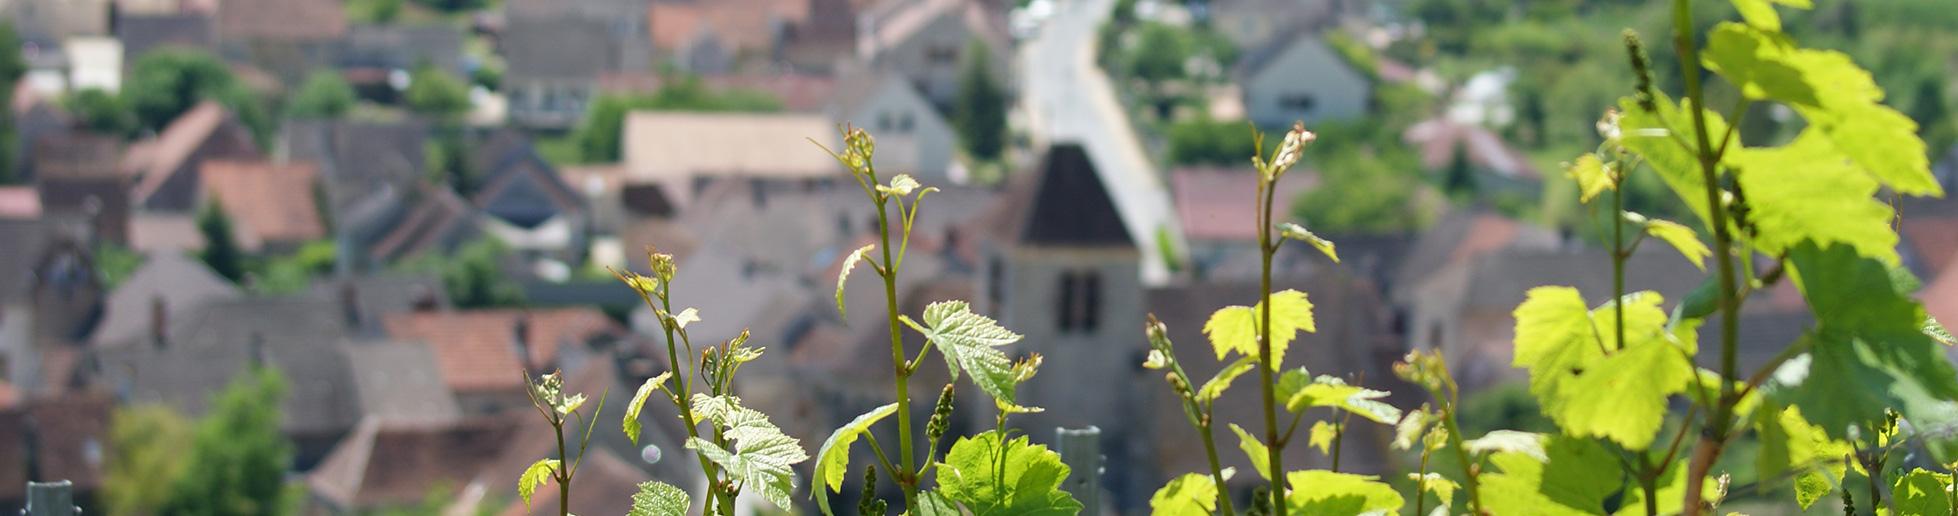 Vignoble Champagne Didier Gadroy & Fils